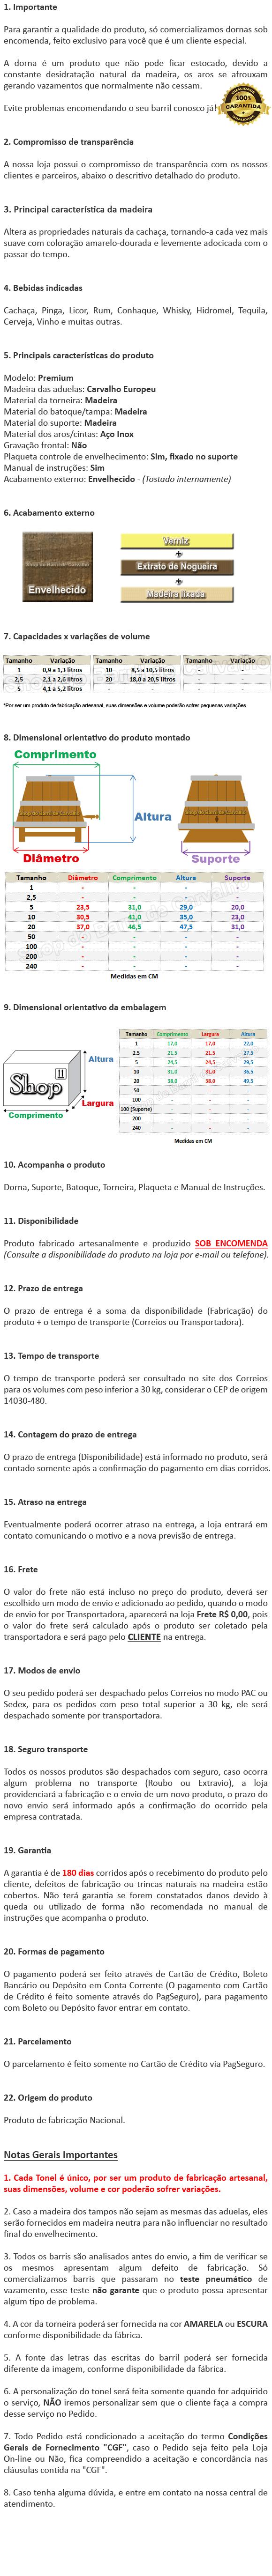 Descricao-Dorna-Carvalho-Europeu-Premium-Envelhecido-Sem-Gravacao.png